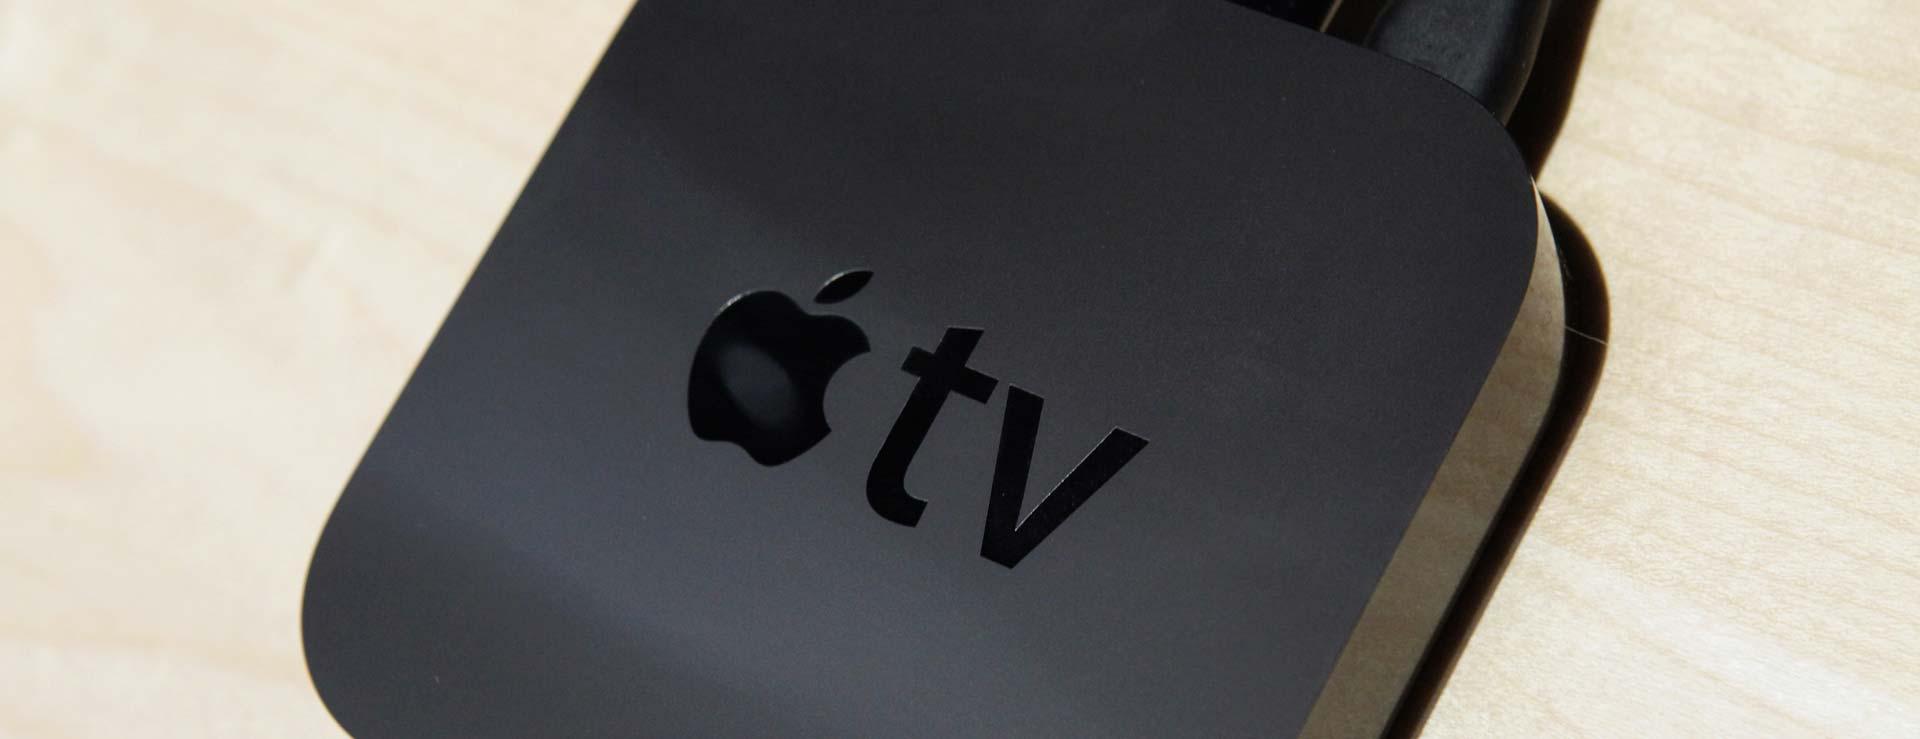 Sljedeća generacija Apple TV-a stiže u rujnu